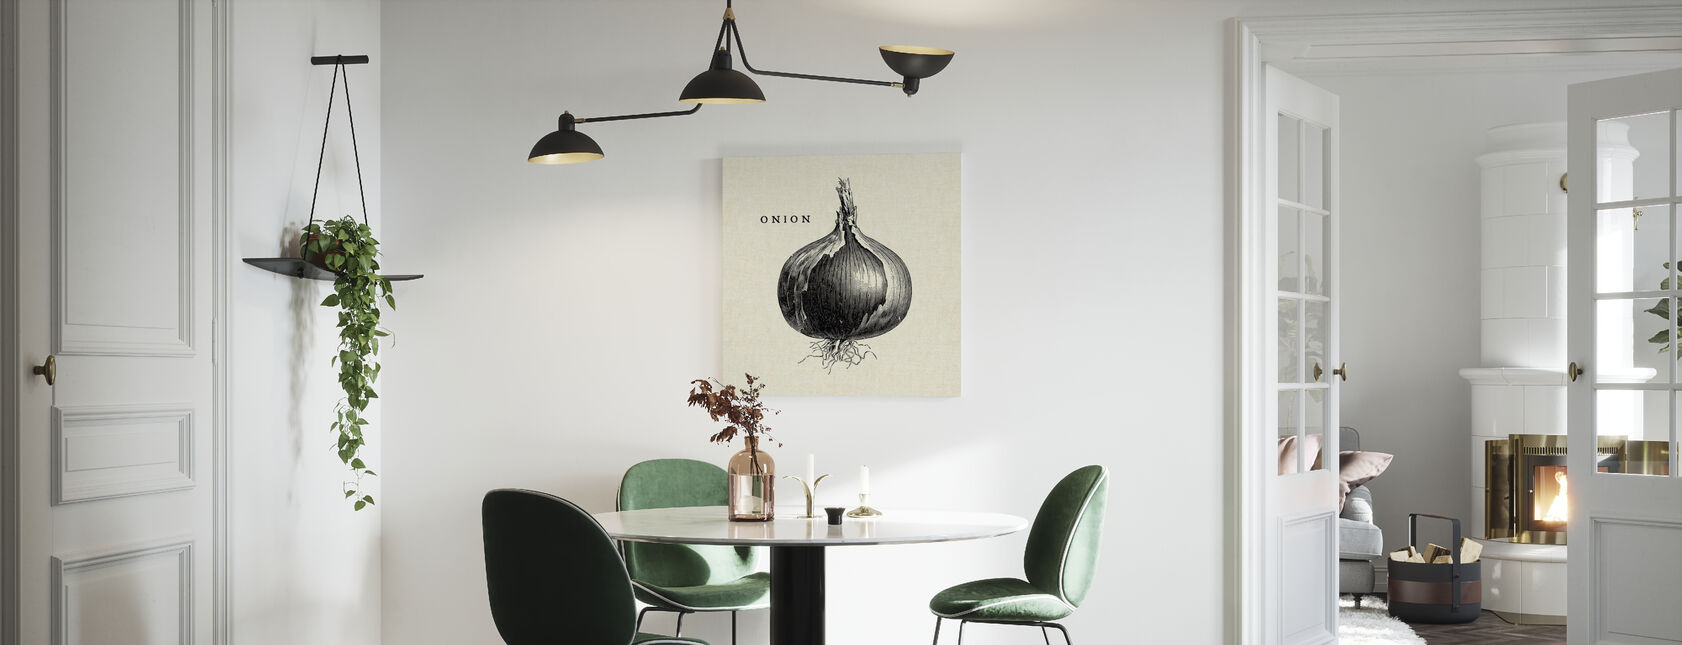 Küche Illustration - Zwiebel - Leinwandbild - Küchen